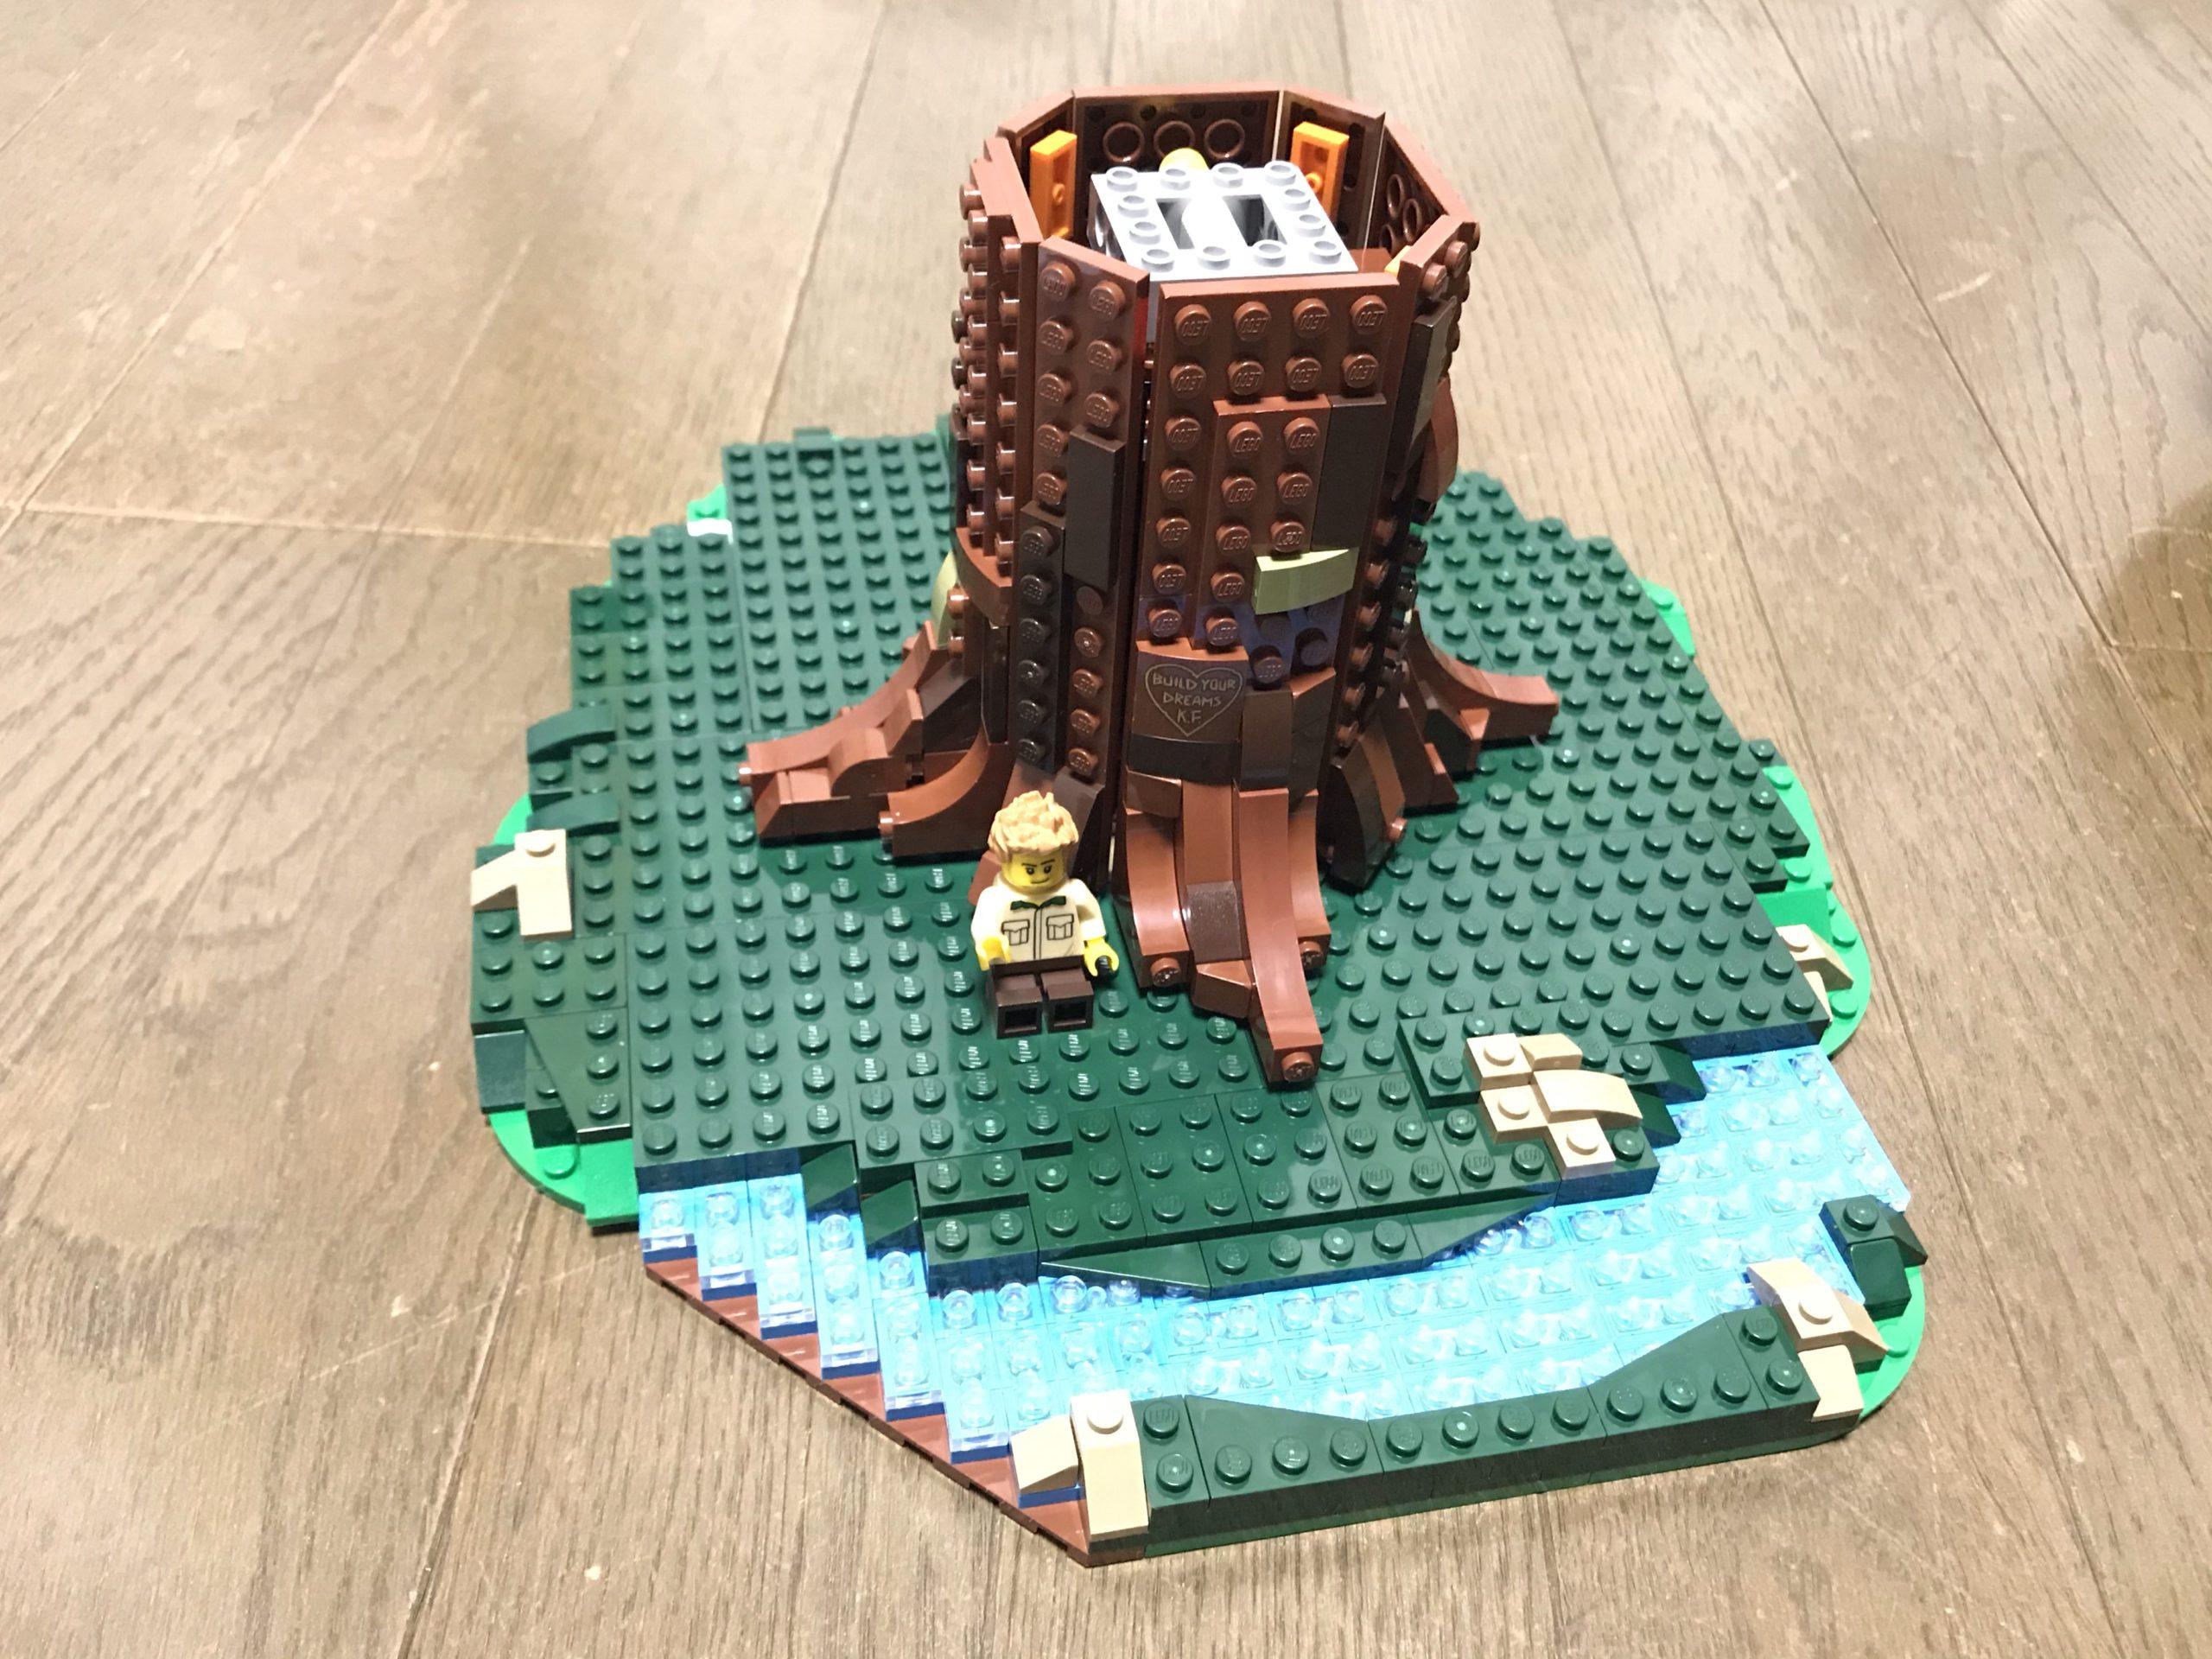 LEGOツリーハウス(21318)組み立て5 なるほど枝はこう付けるのか